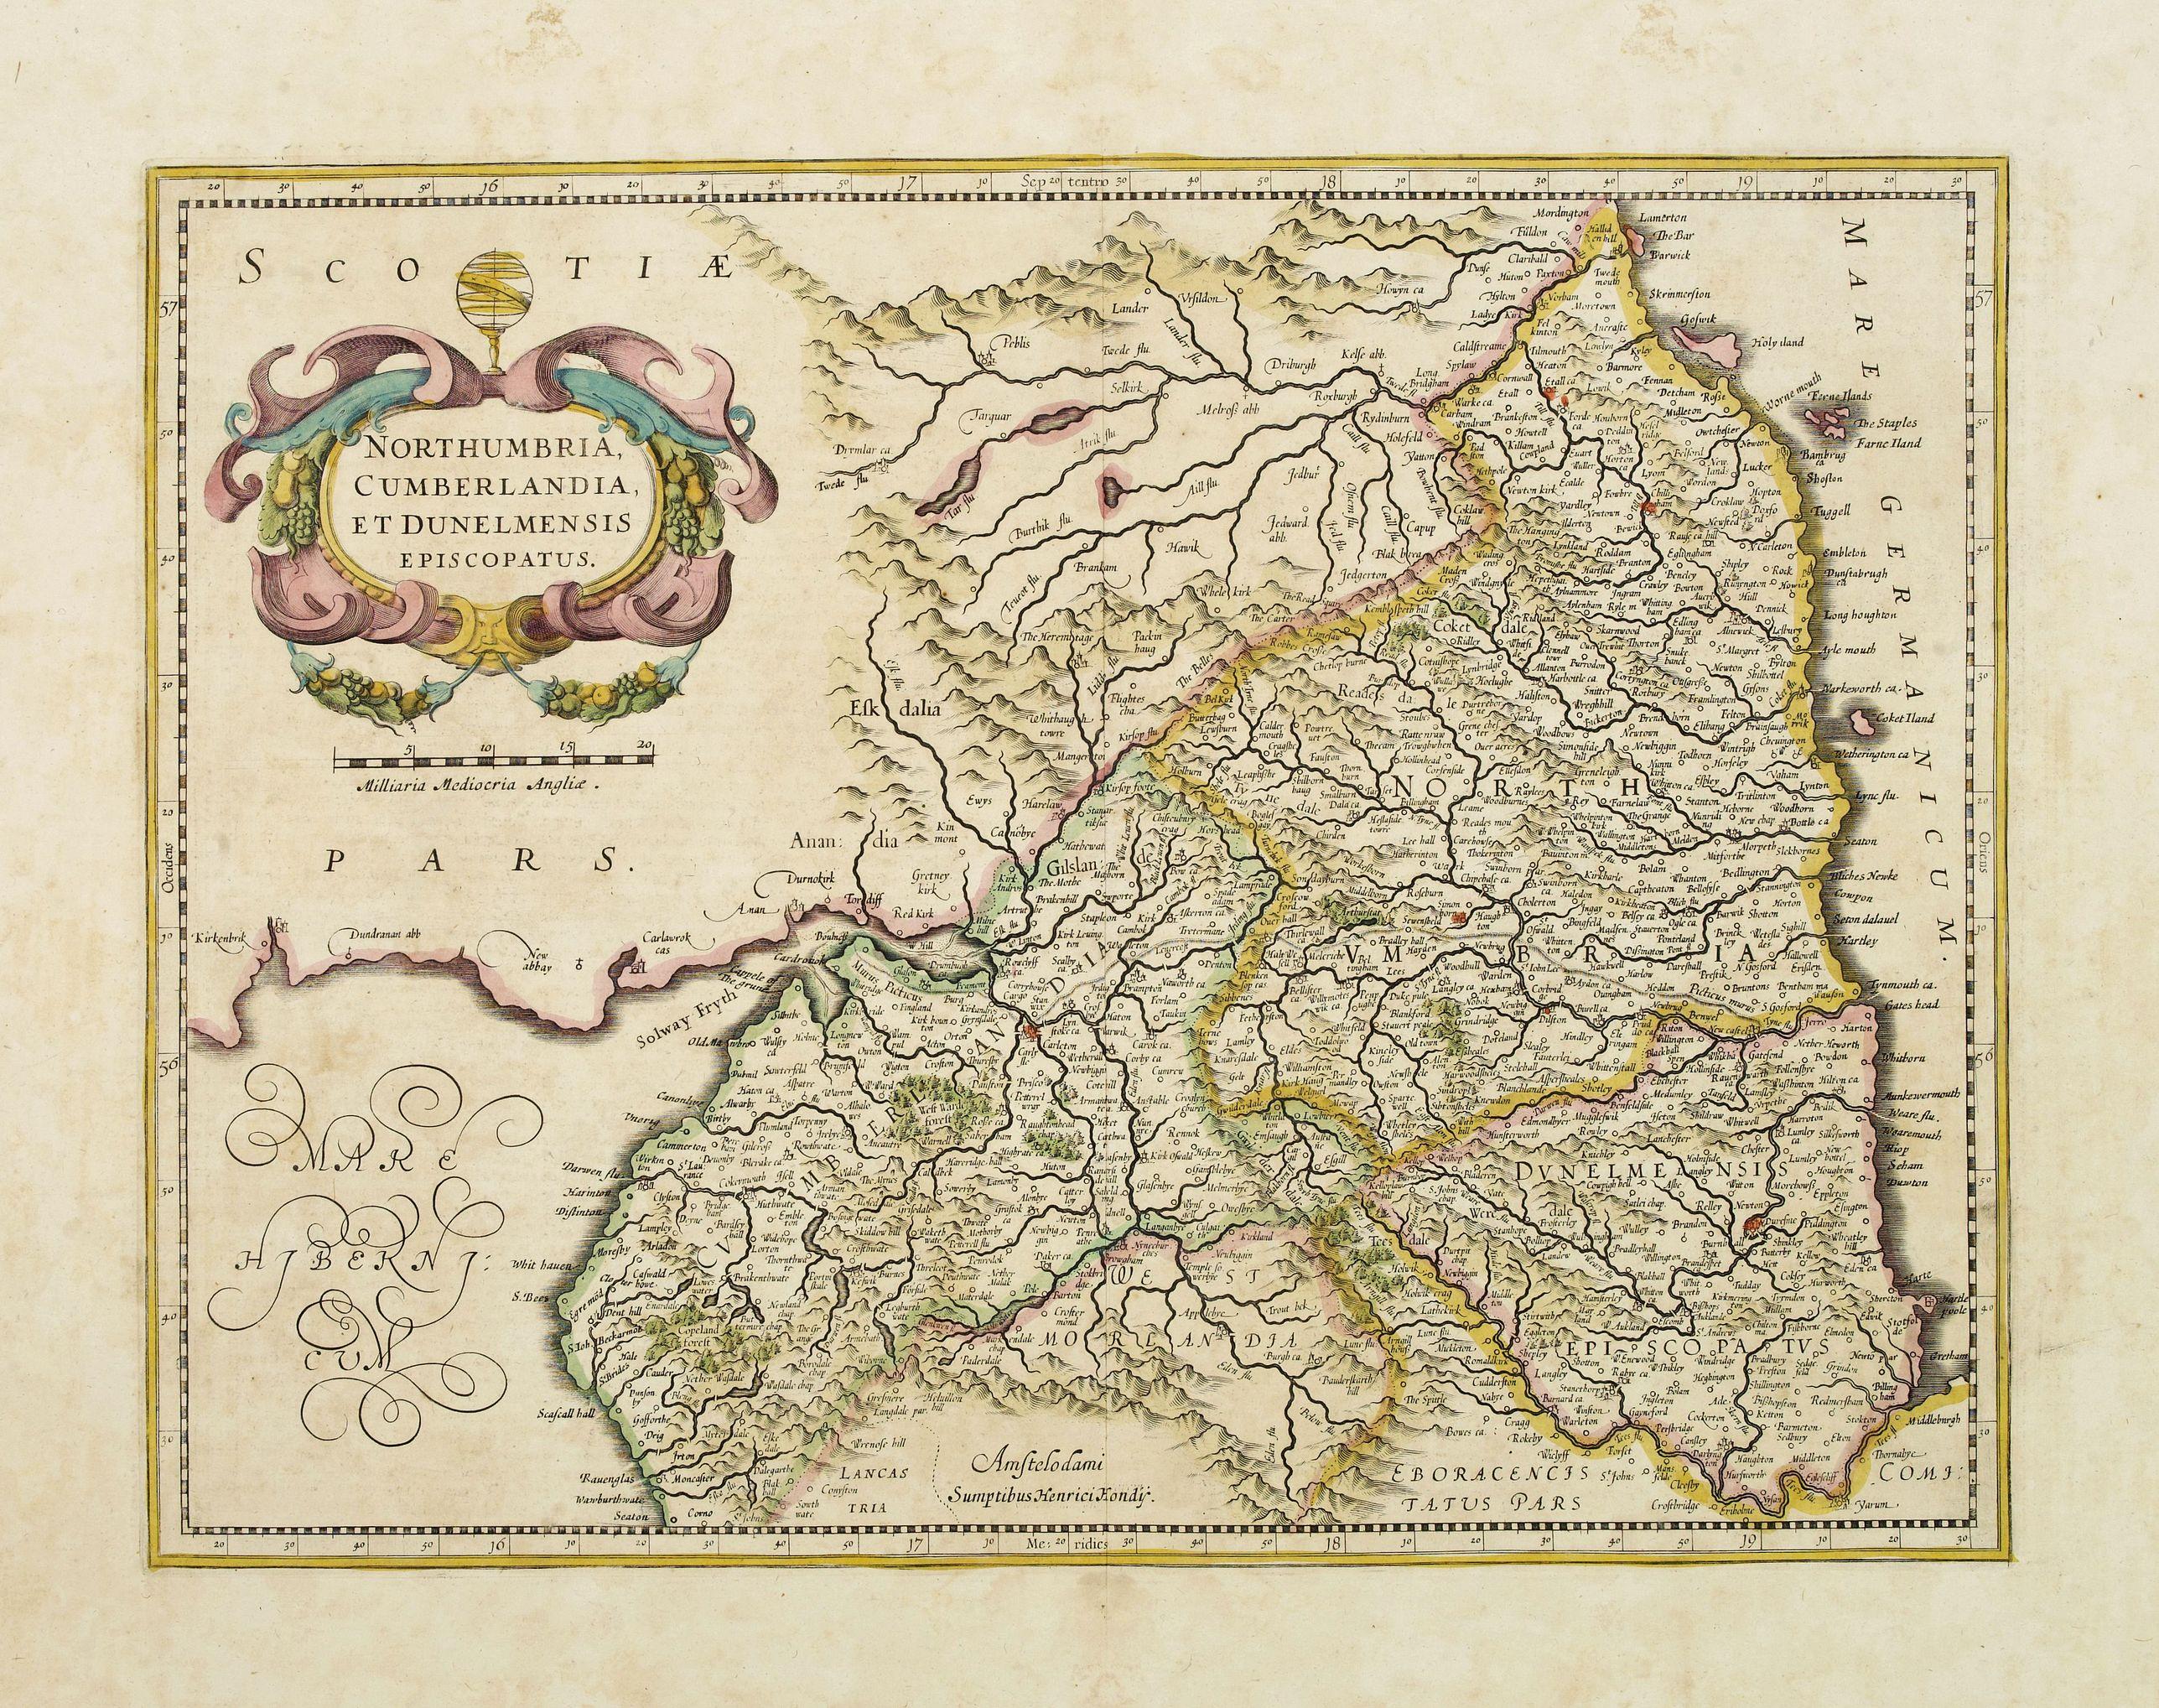 HONDIUS, H. -  Northumbria, Cumberlandia et Dunelmensis Episcopatus..